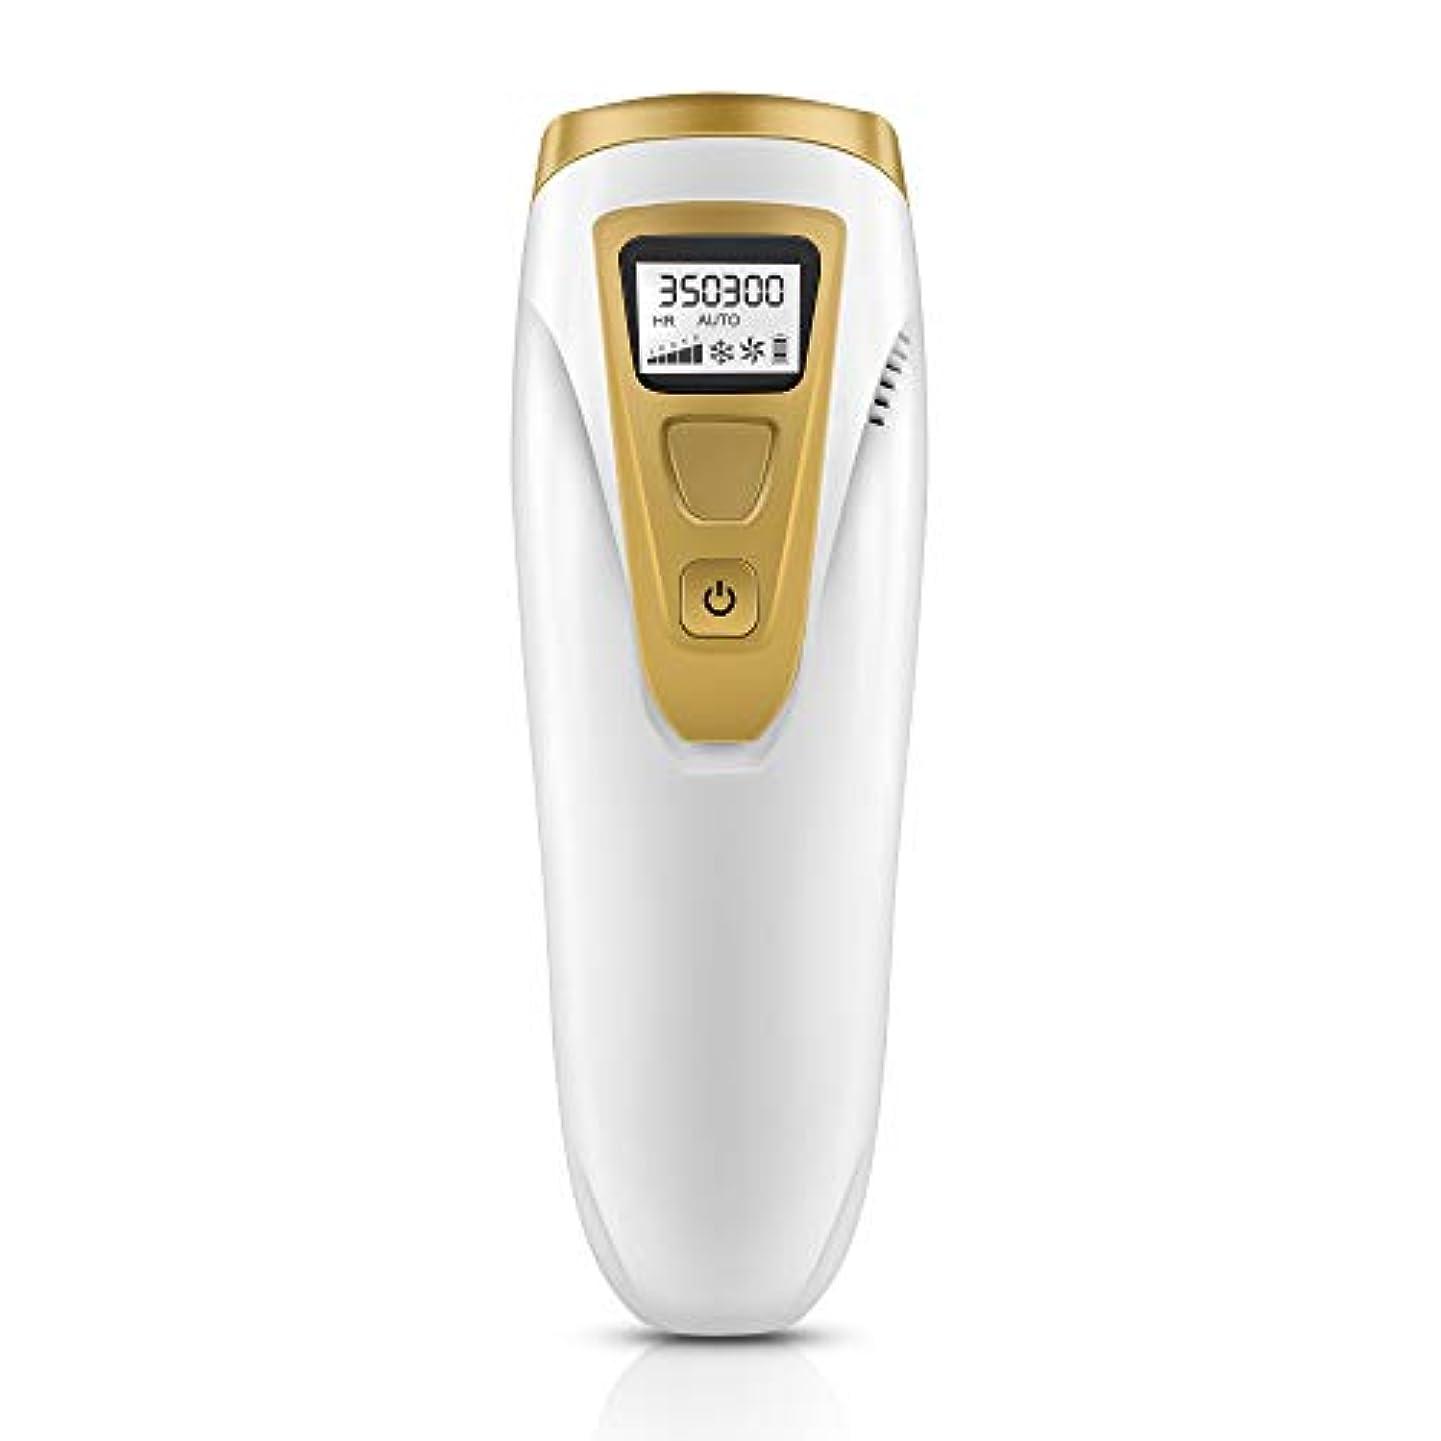 不適蒸気合理化脱毛器 レーザー IPL 光美容器 家庭用脱毛器 5段階調整 液晶LCDスクリーン搭載 メンズ レディース 美肌機能搭載 フラッシュ脱毛 全身用 改良版